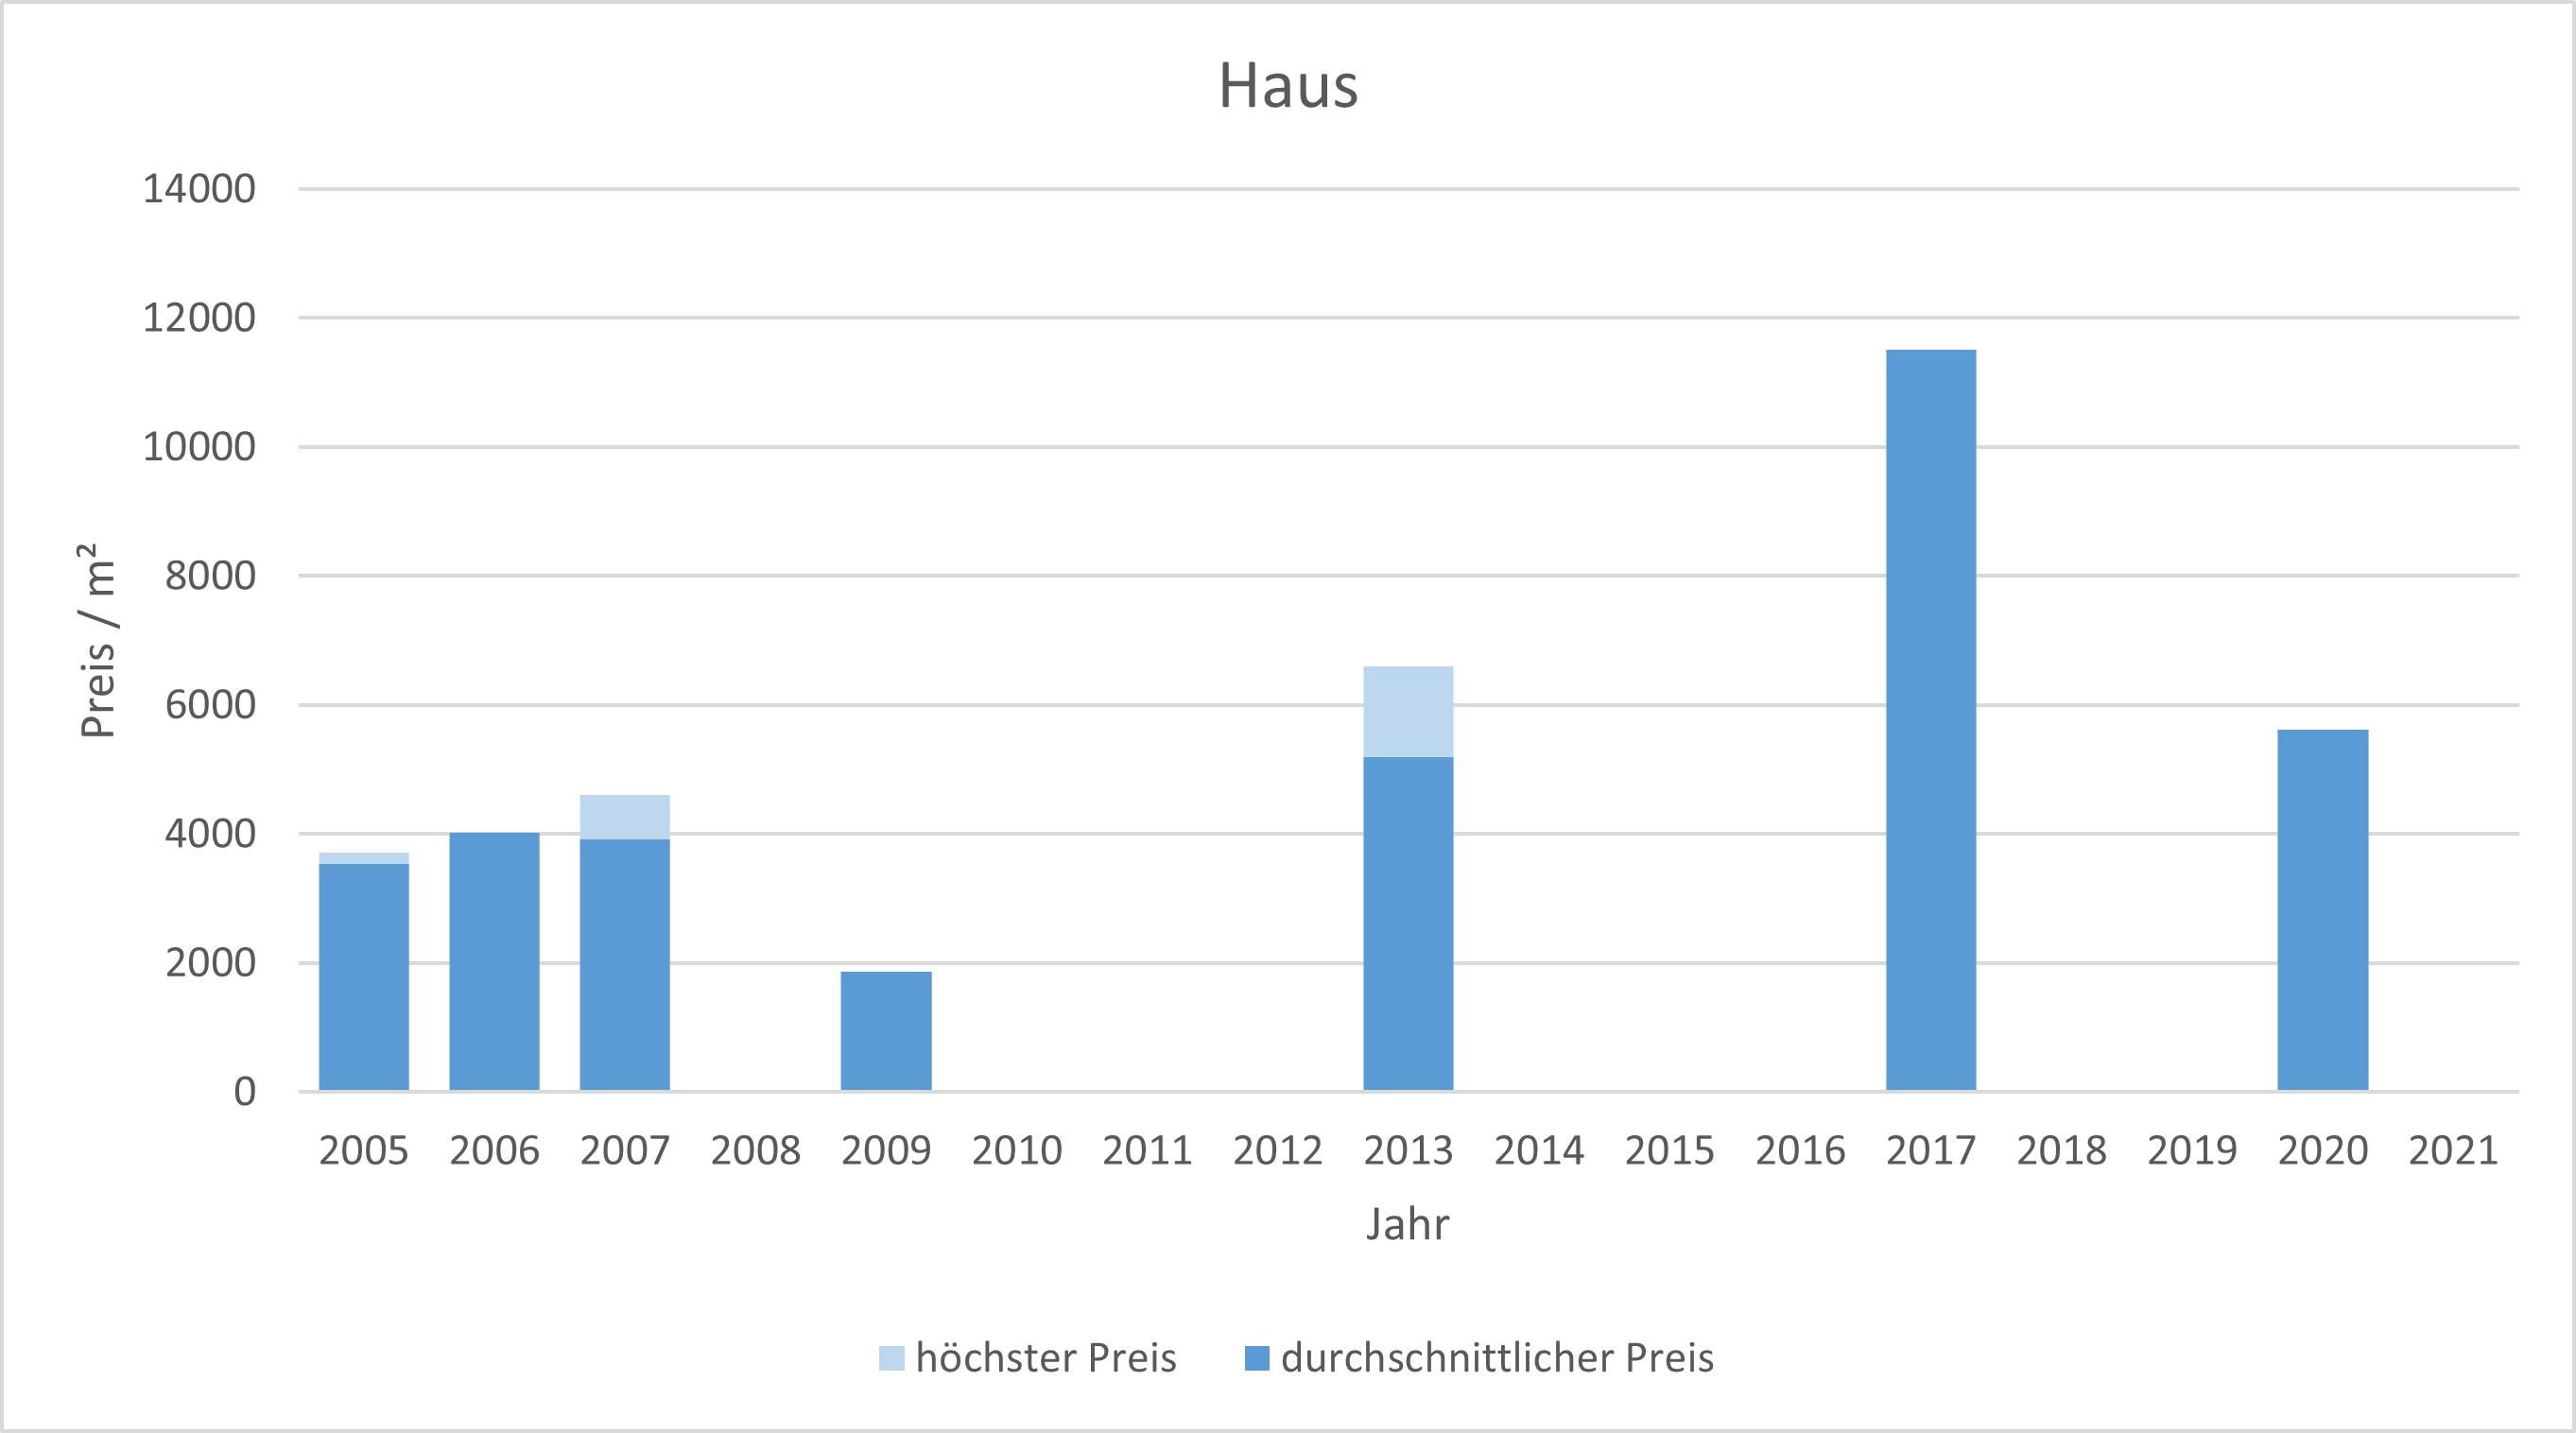 München - Glockenbachviertel Haus kaufen verkaufen Preis Bewertung Makler 2019 2020 2021 www.happy-immo.de